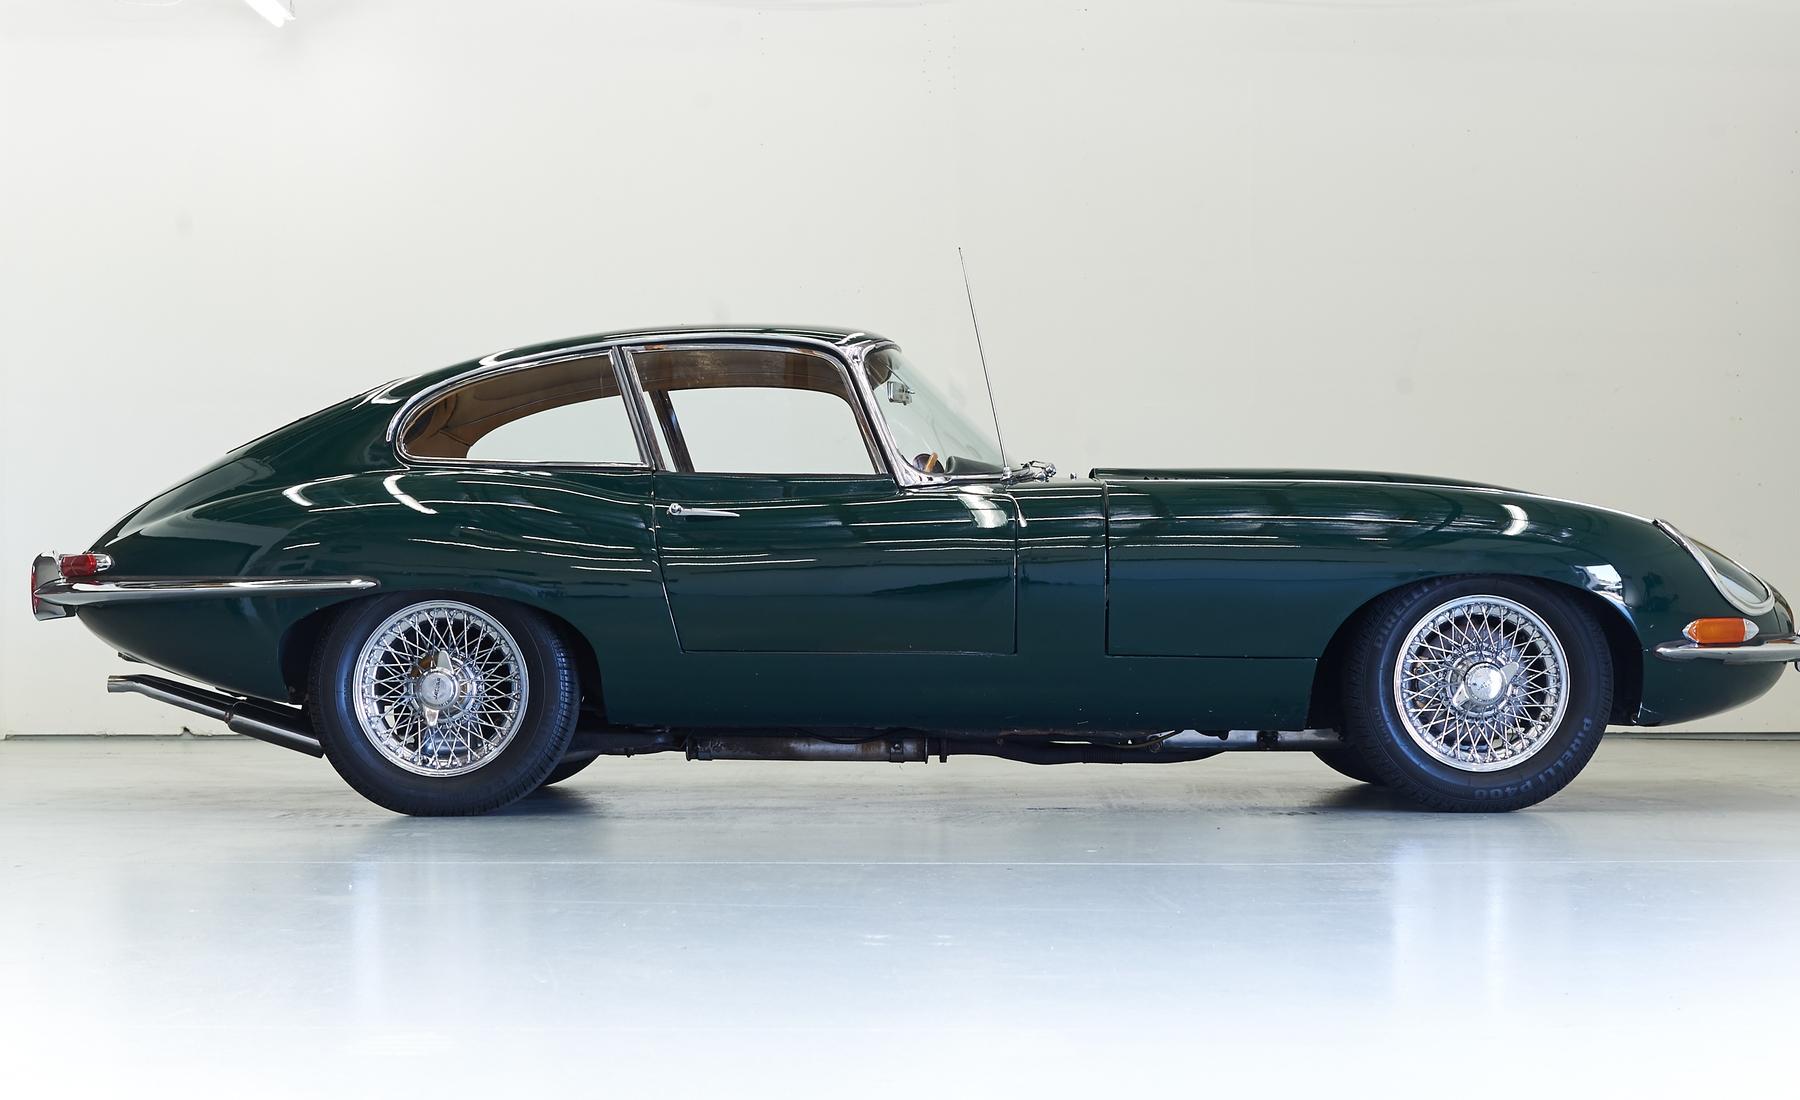 1964 xke jaguar coupe